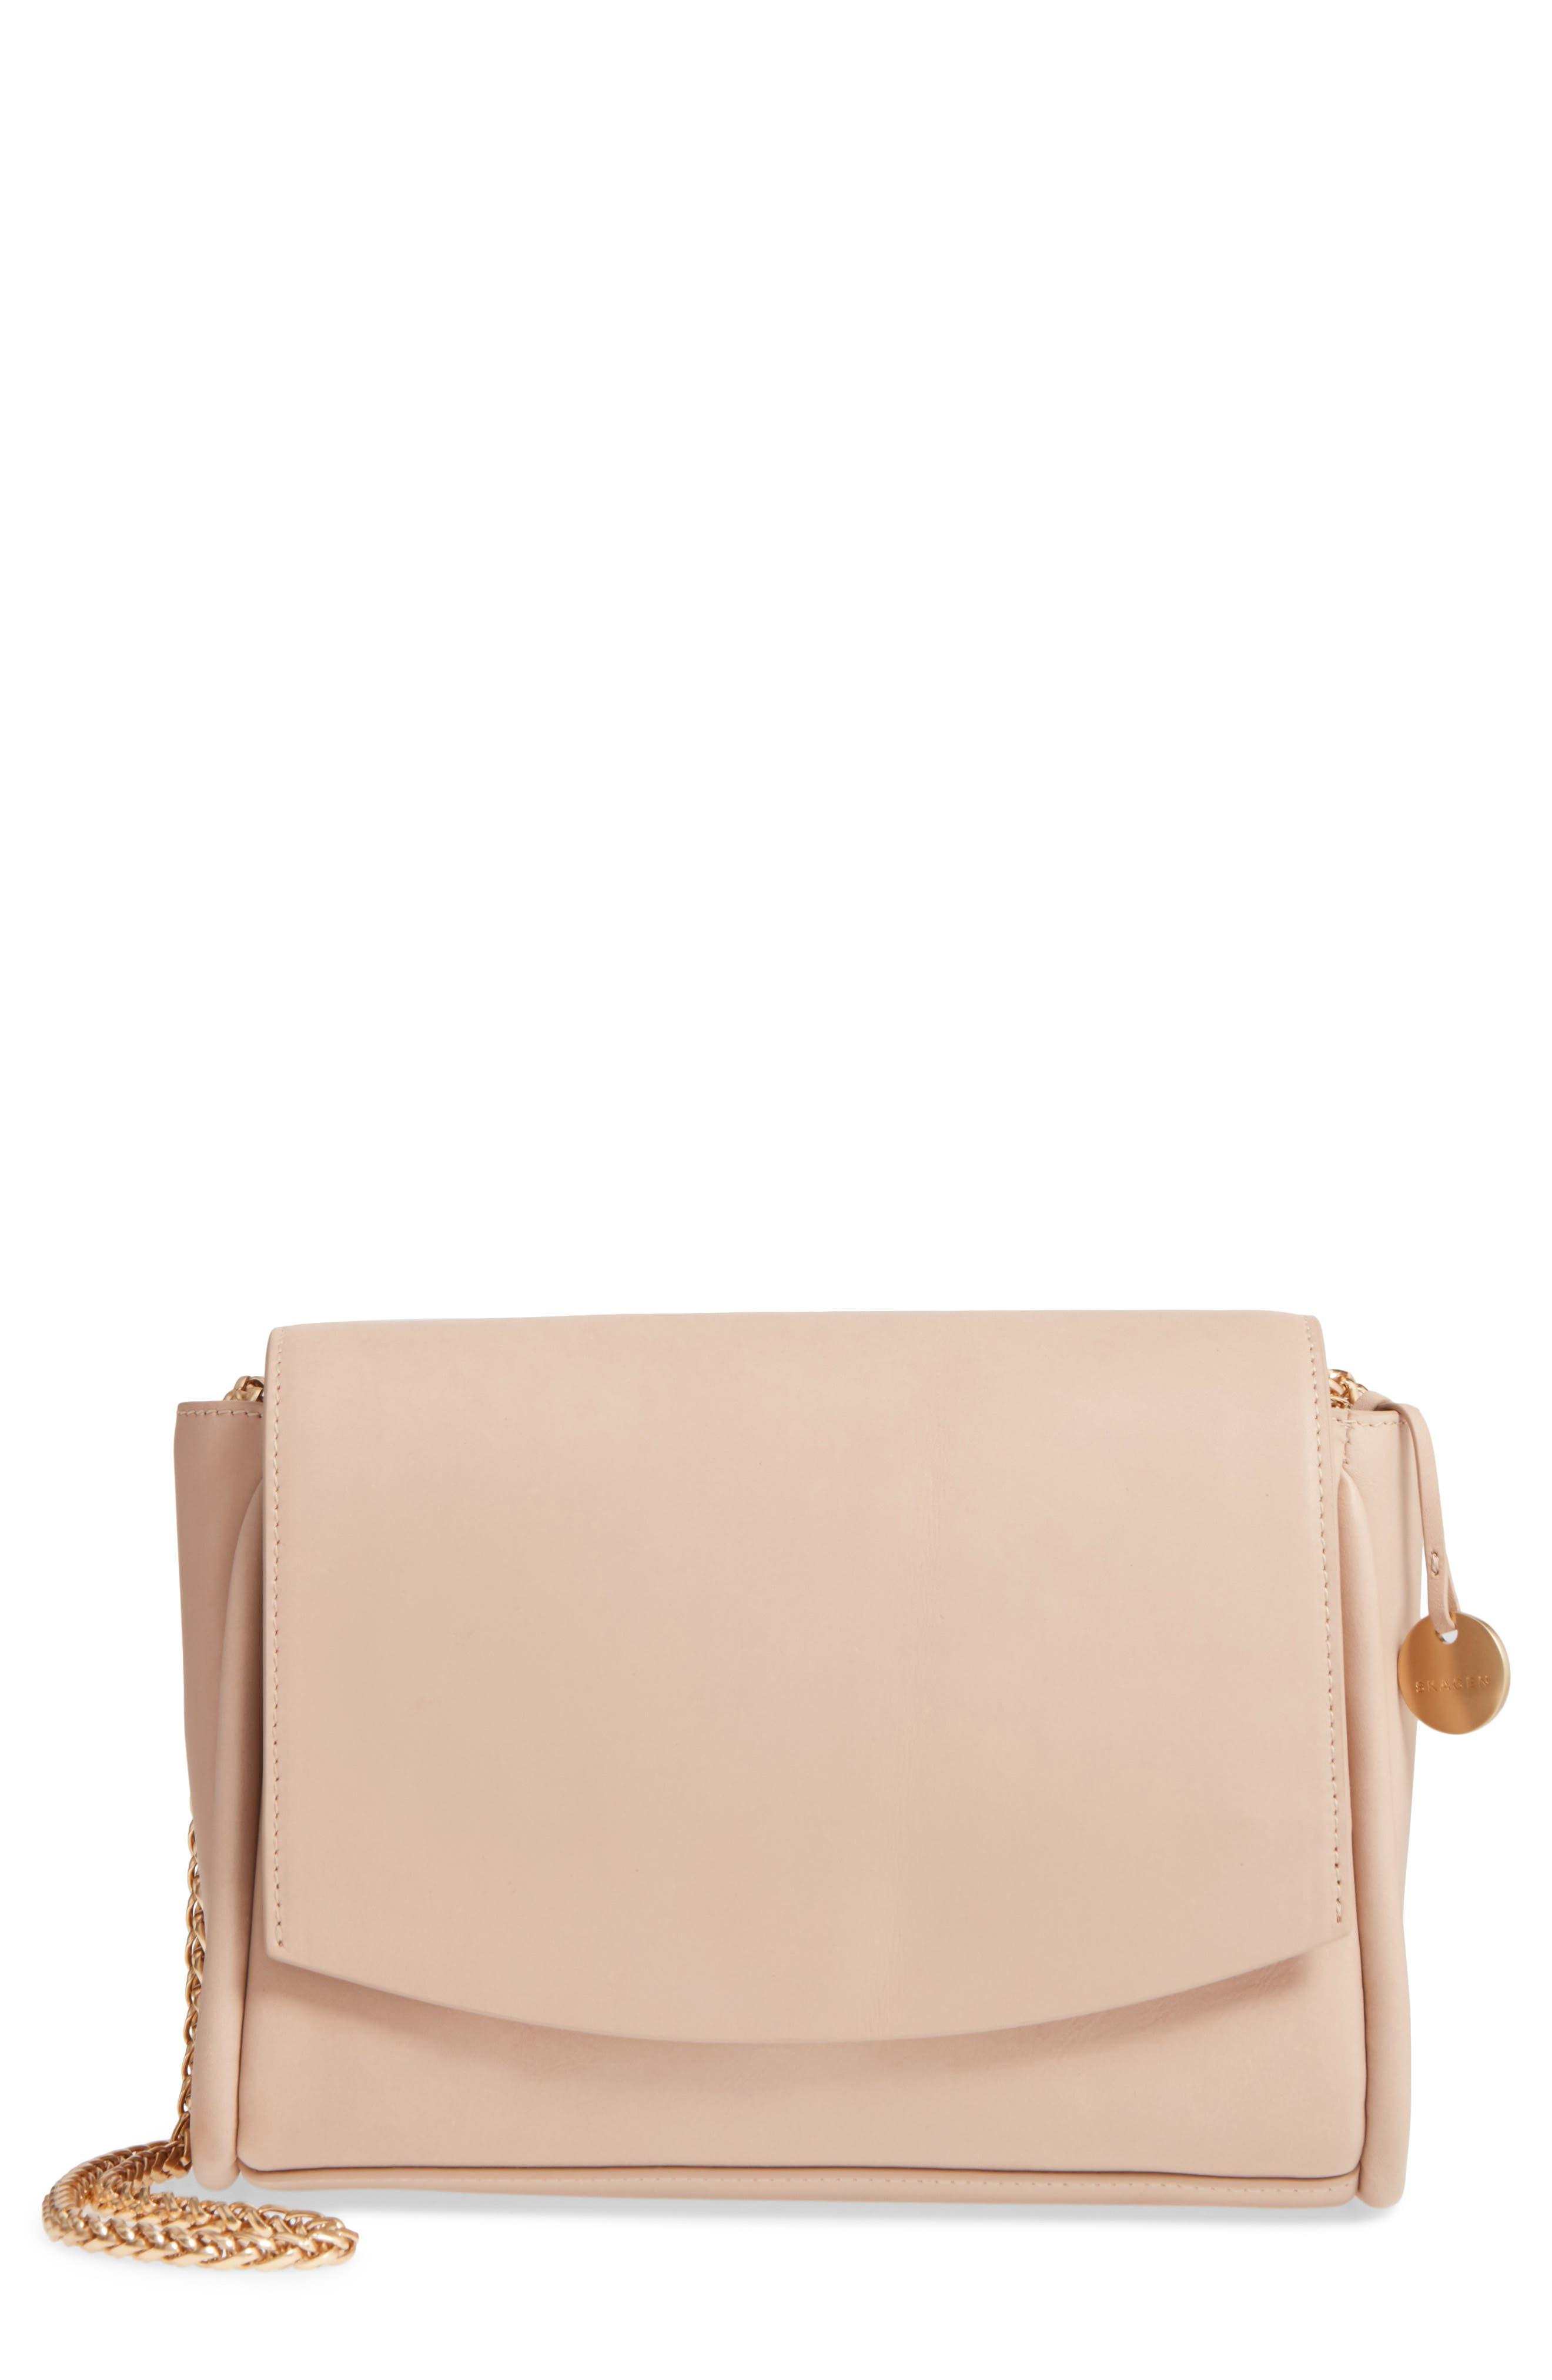 Sylvi Calfskin Leather Crossbody Bag,                         Main,                         color, 251